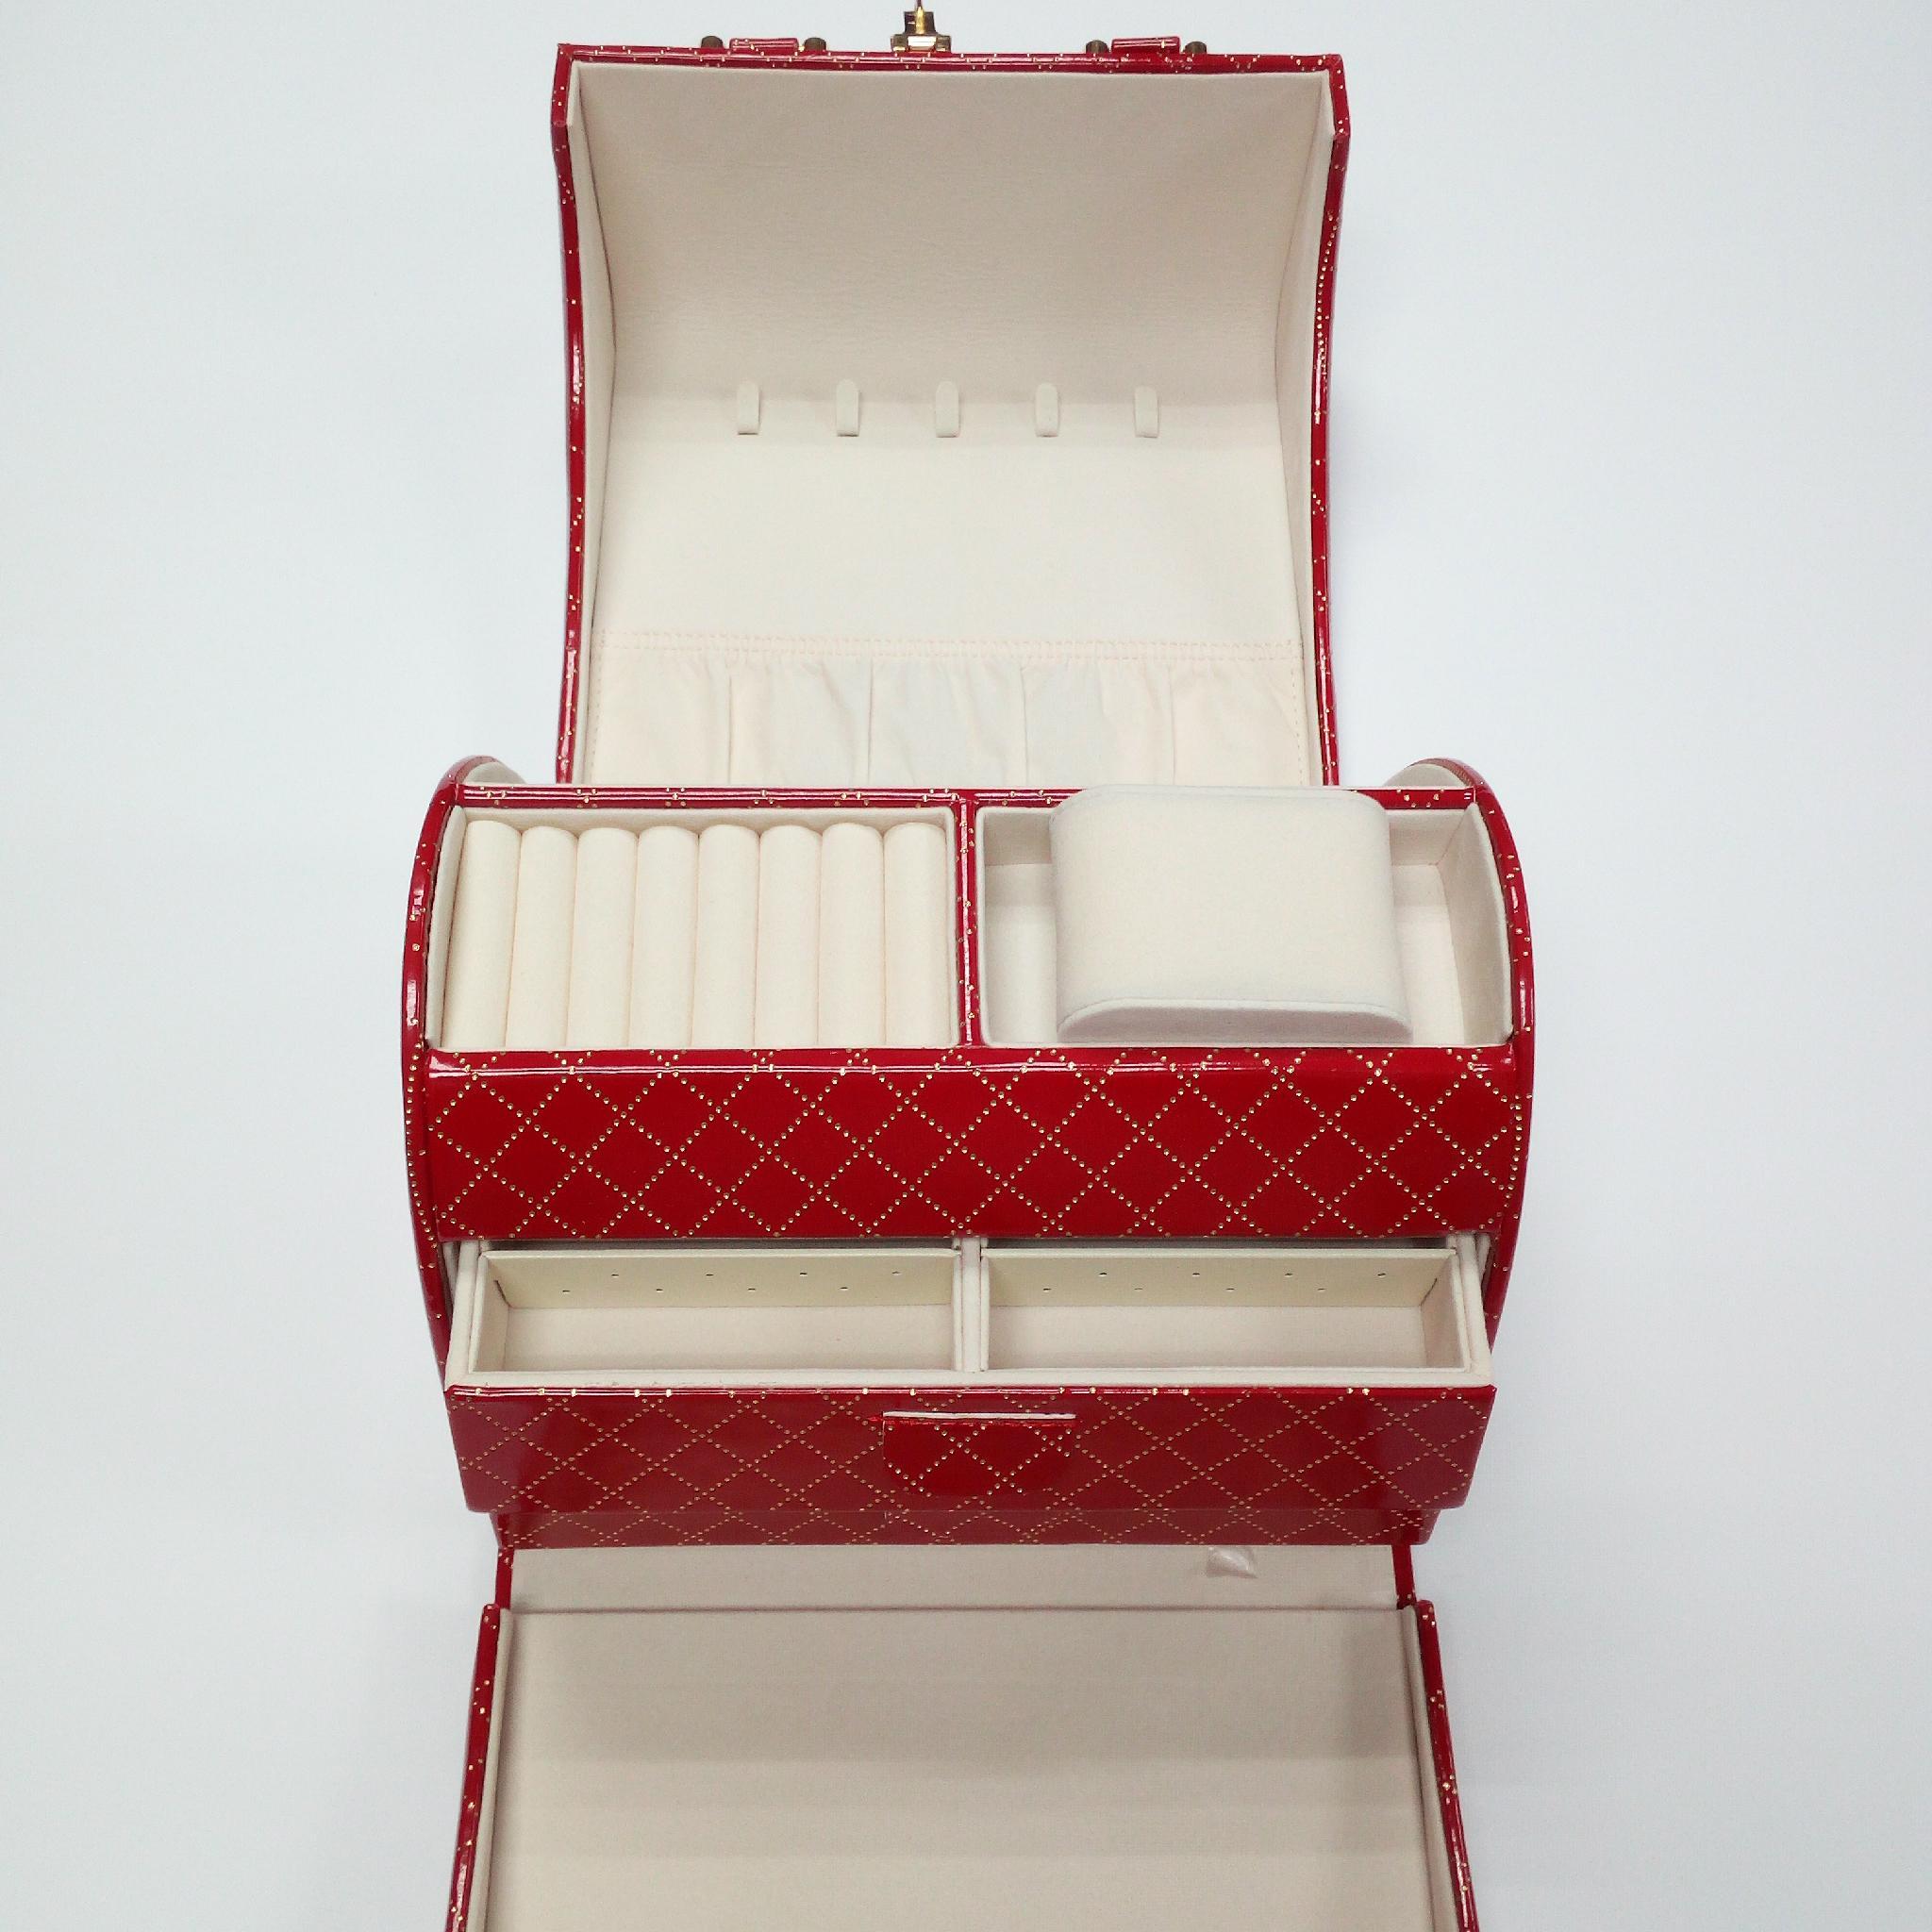 定製高檔化妝品收納皮盒 1